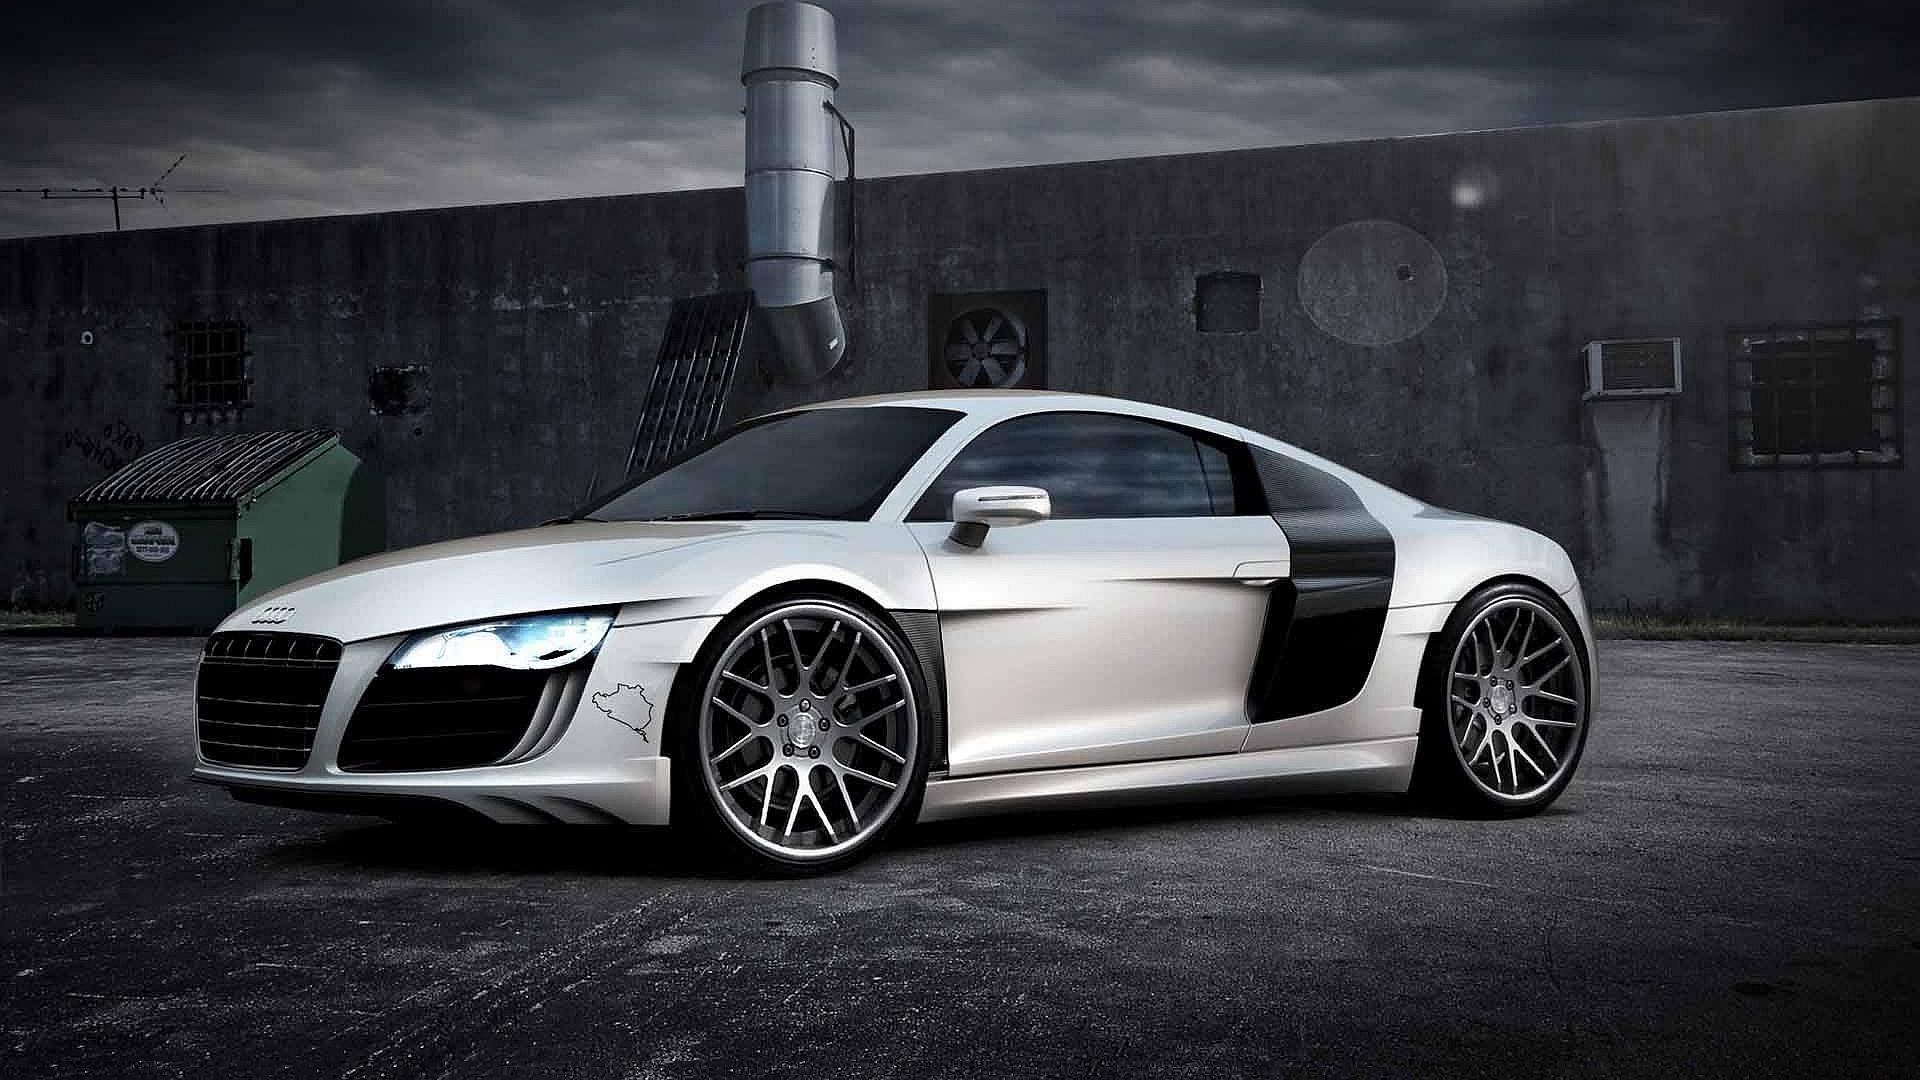 Audi R8 Wallpaper #15